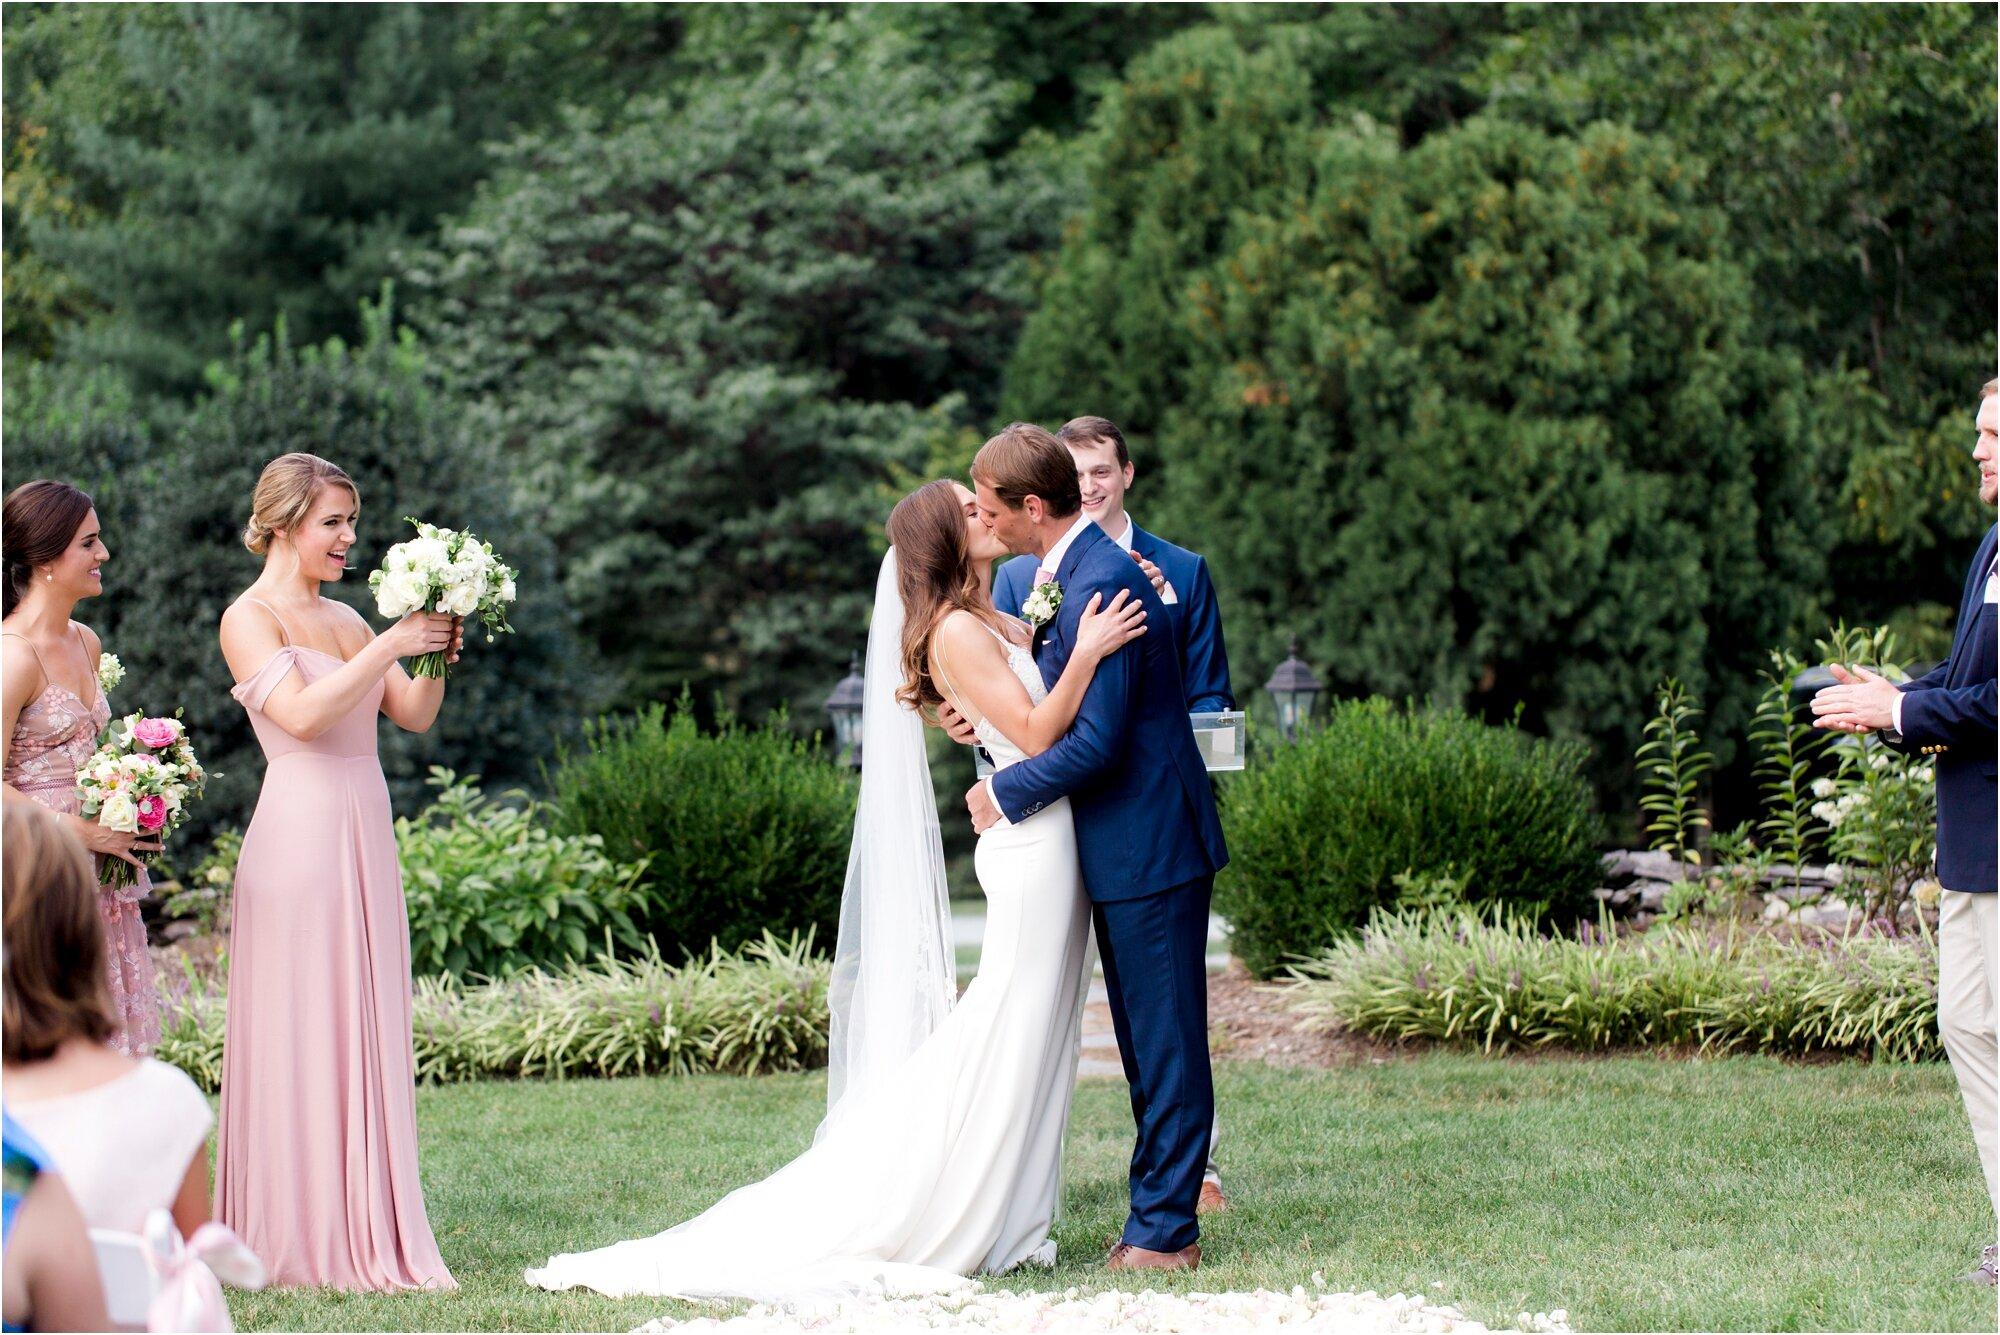 jane-tom-clifton-inn-charlottesville-wedding-_0026.jpg